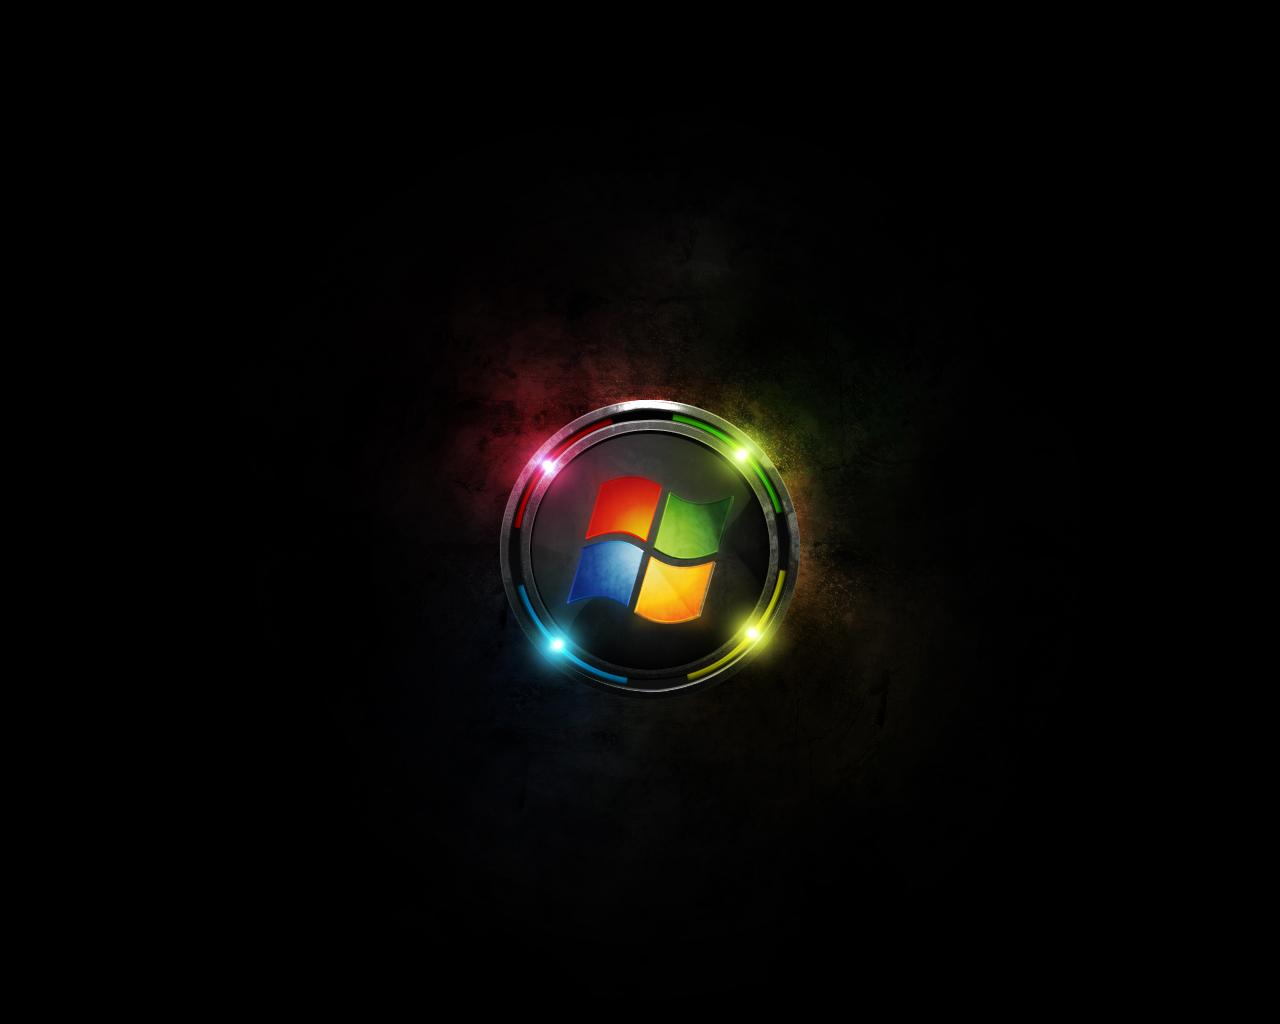 http://3.bp.blogspot.com/-GAv61E6tTQQ/TpU3YH0pjlI/AAAAAAAAATg/YNcAwToieIQ/s1600/Futuristic_Windows_wallpaper_by_m1r1.jpg